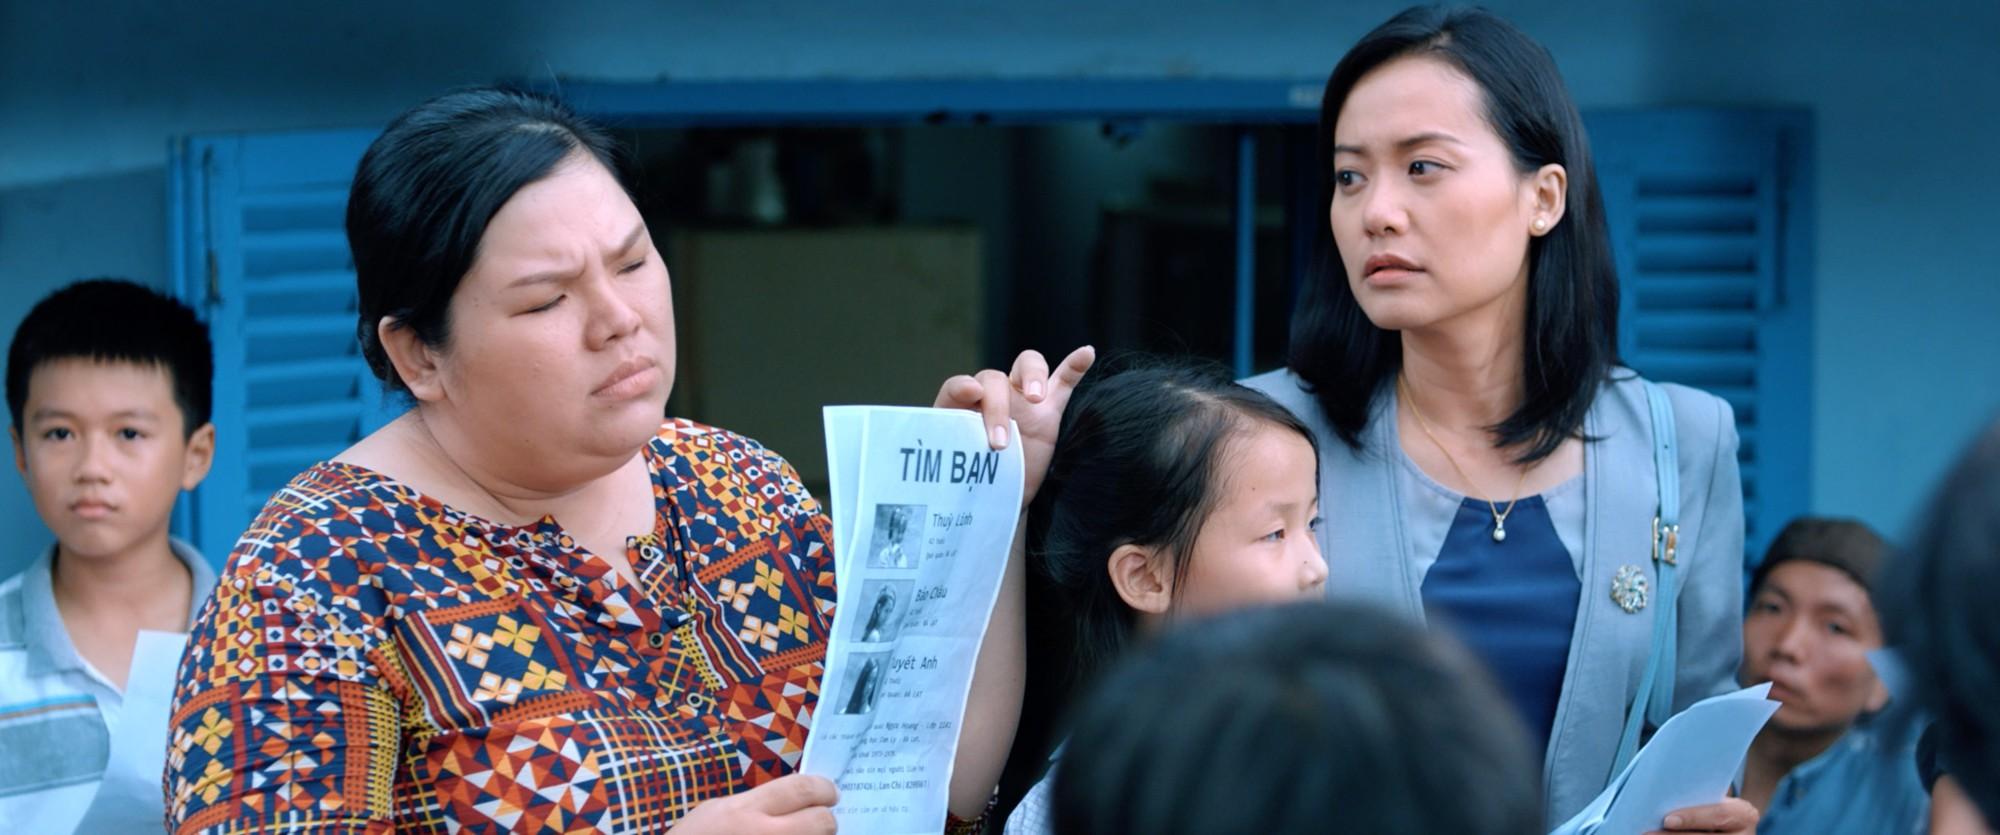 Tháng năm rực rỡ: Jun Vũ muốn đánh Hoàng Oanh vì ghen với Hoàng Yến Chibi?